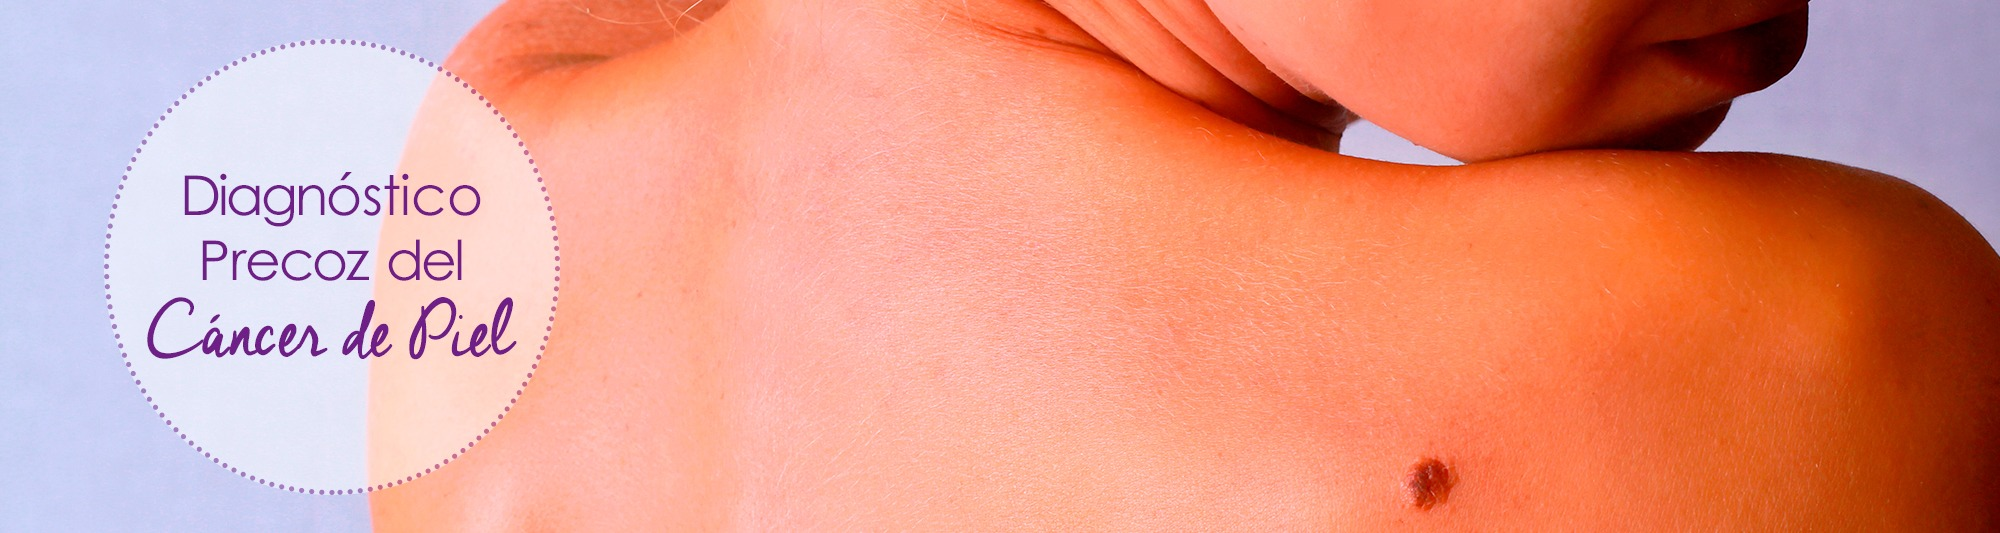 diagnostico cancer piel, cancer de piel, cancer piel, melanoma, melanomas